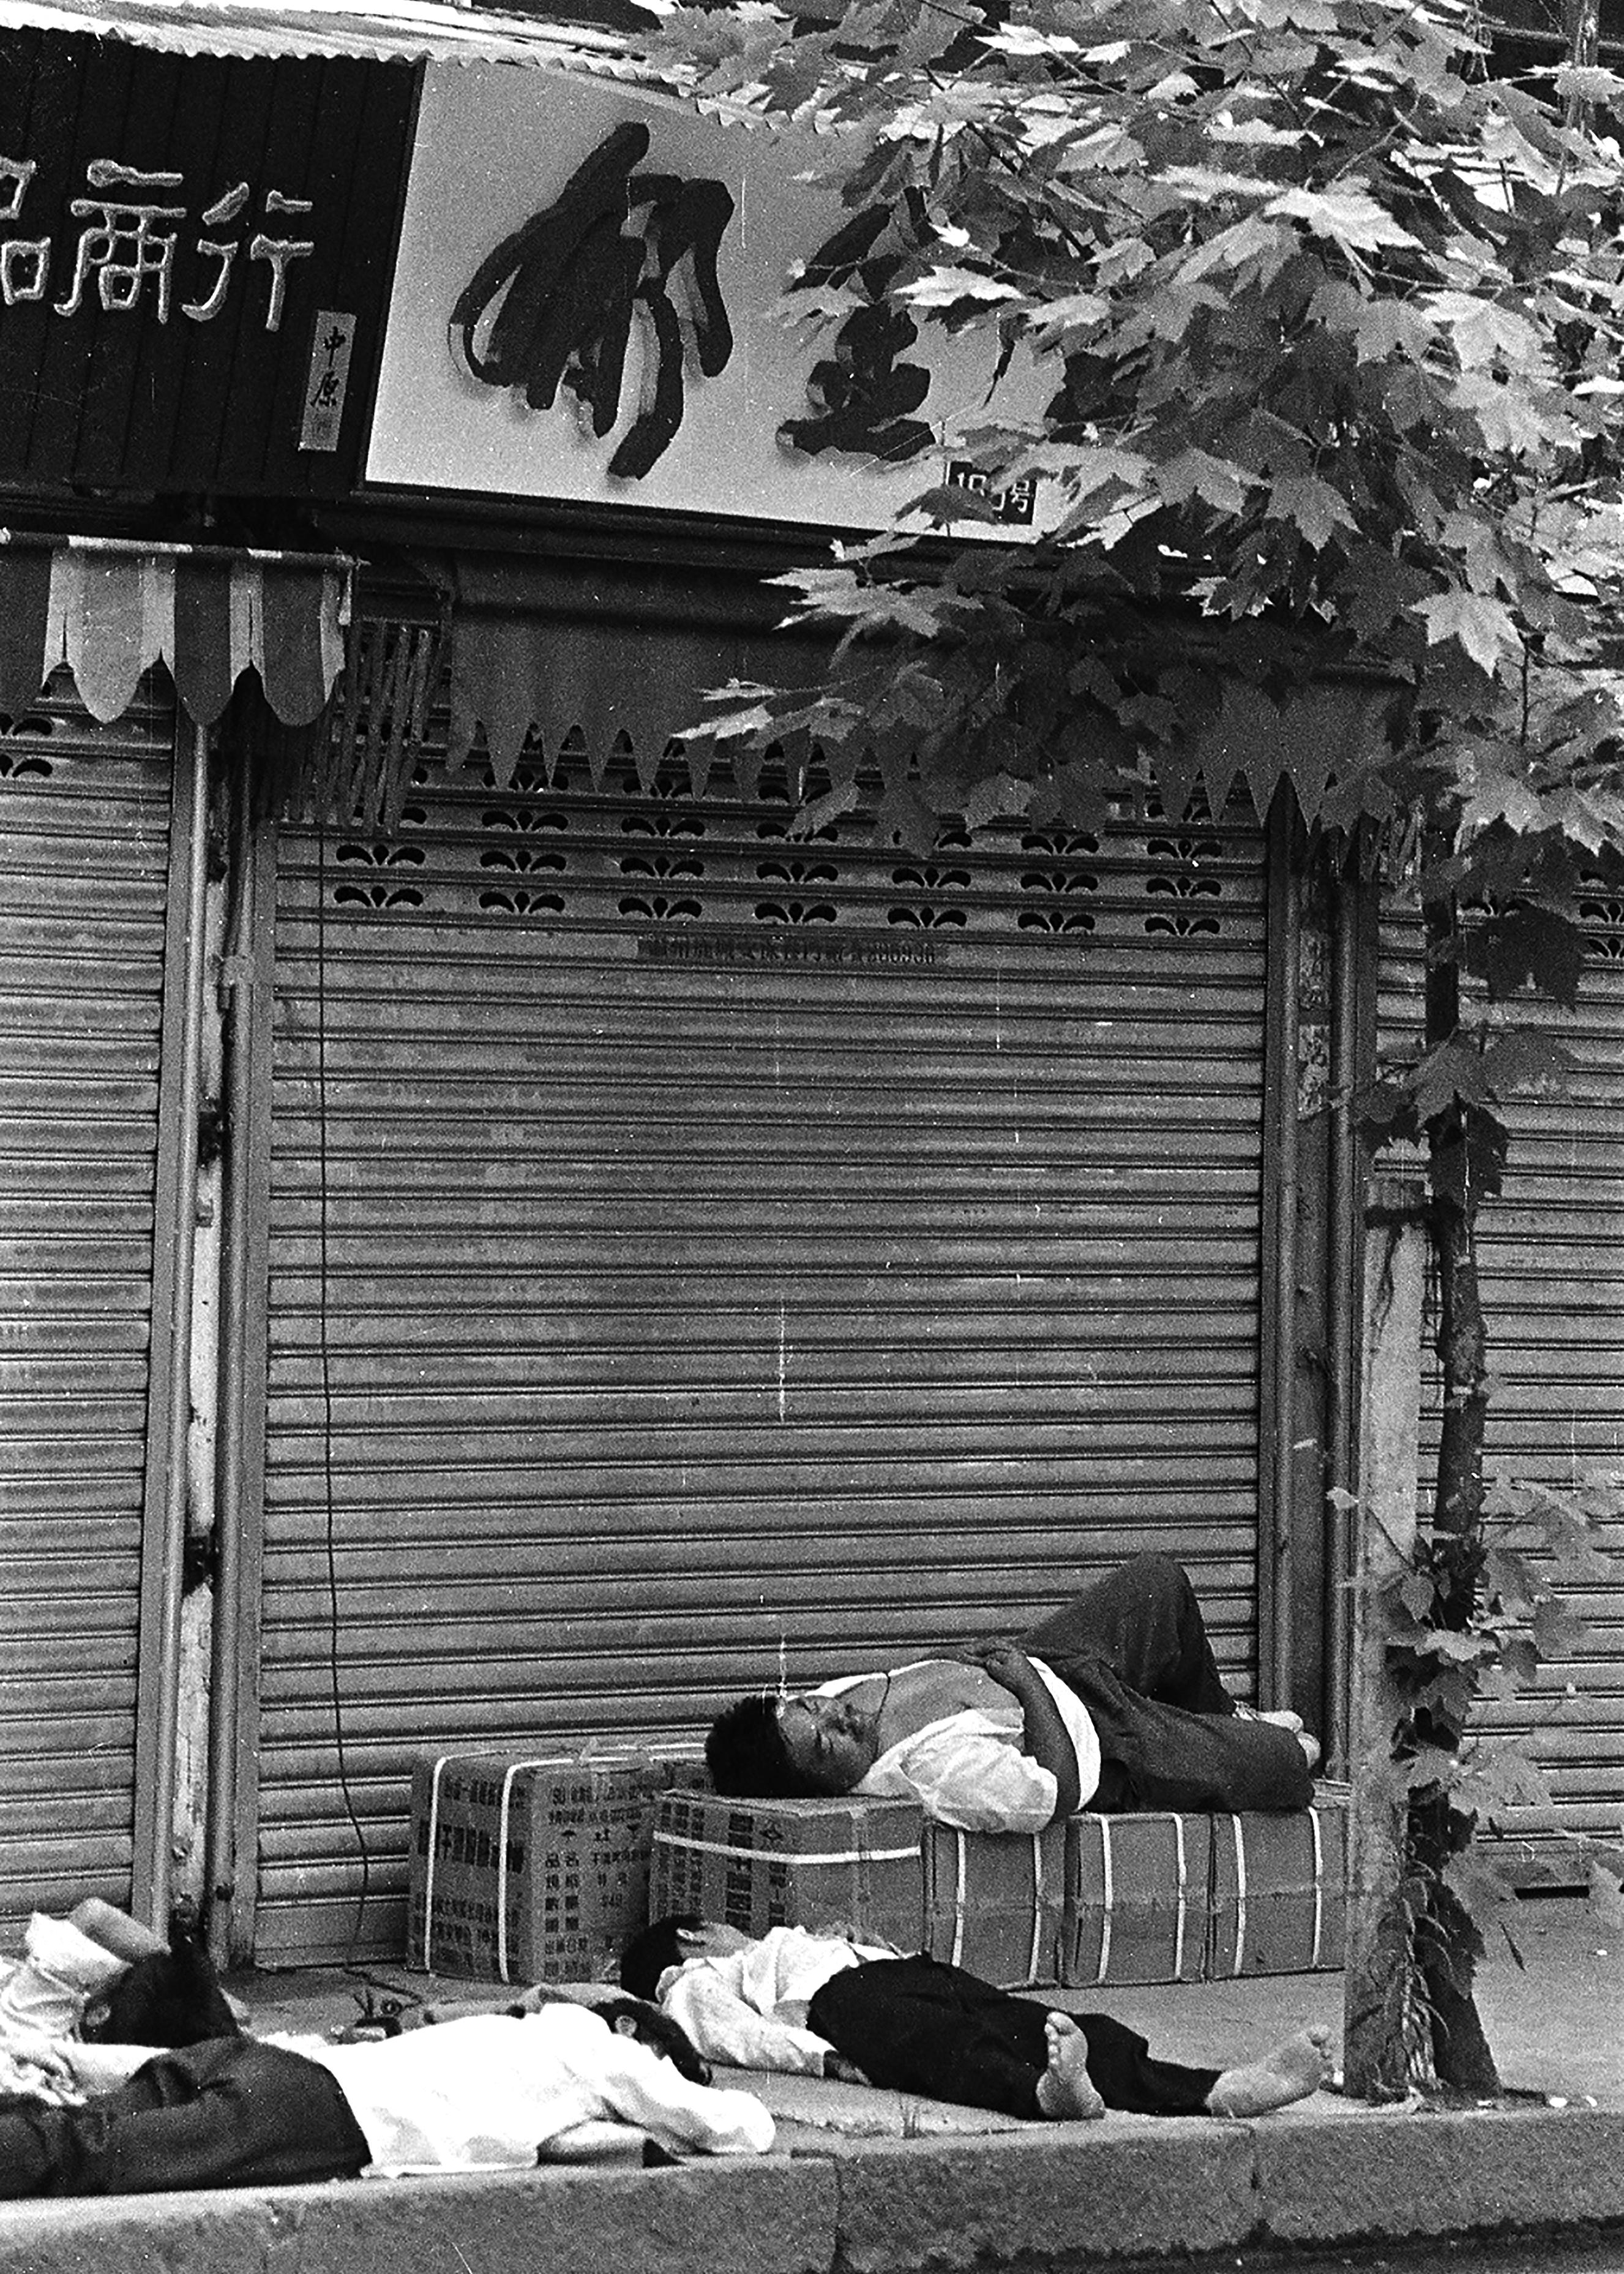 二十七年前的溫州是什麼樣的街拍溫州往事記憶猶存